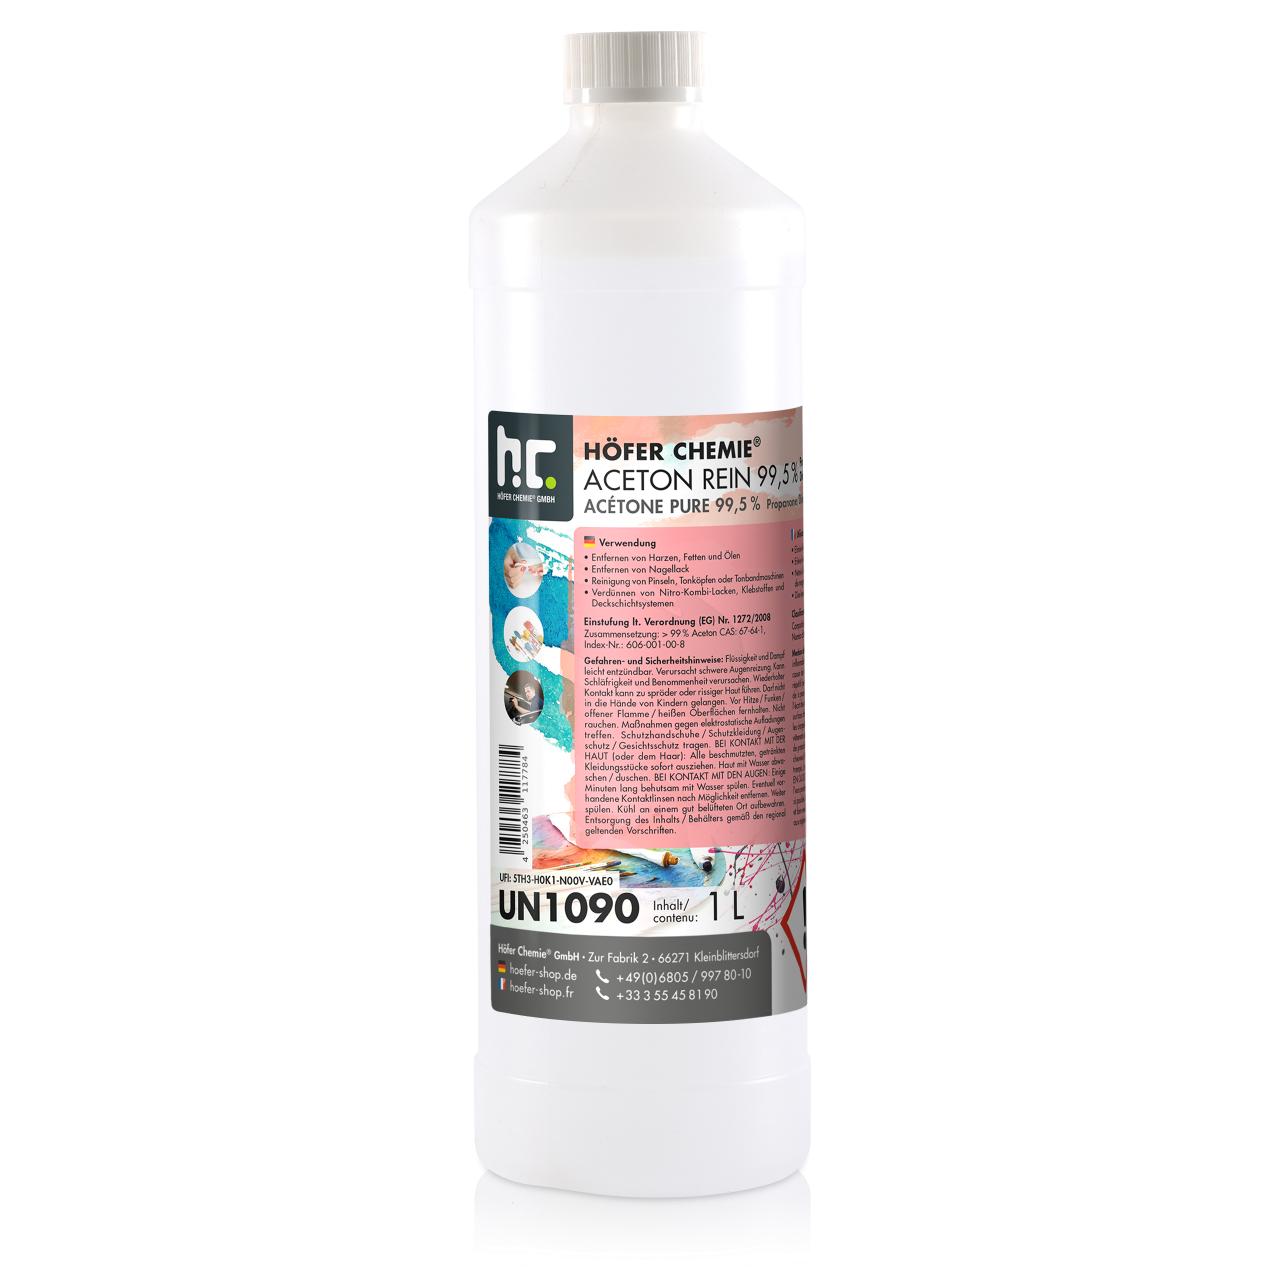 Höfer Chemie 3 l Acétone pur 99,5% (3 x 1 l)